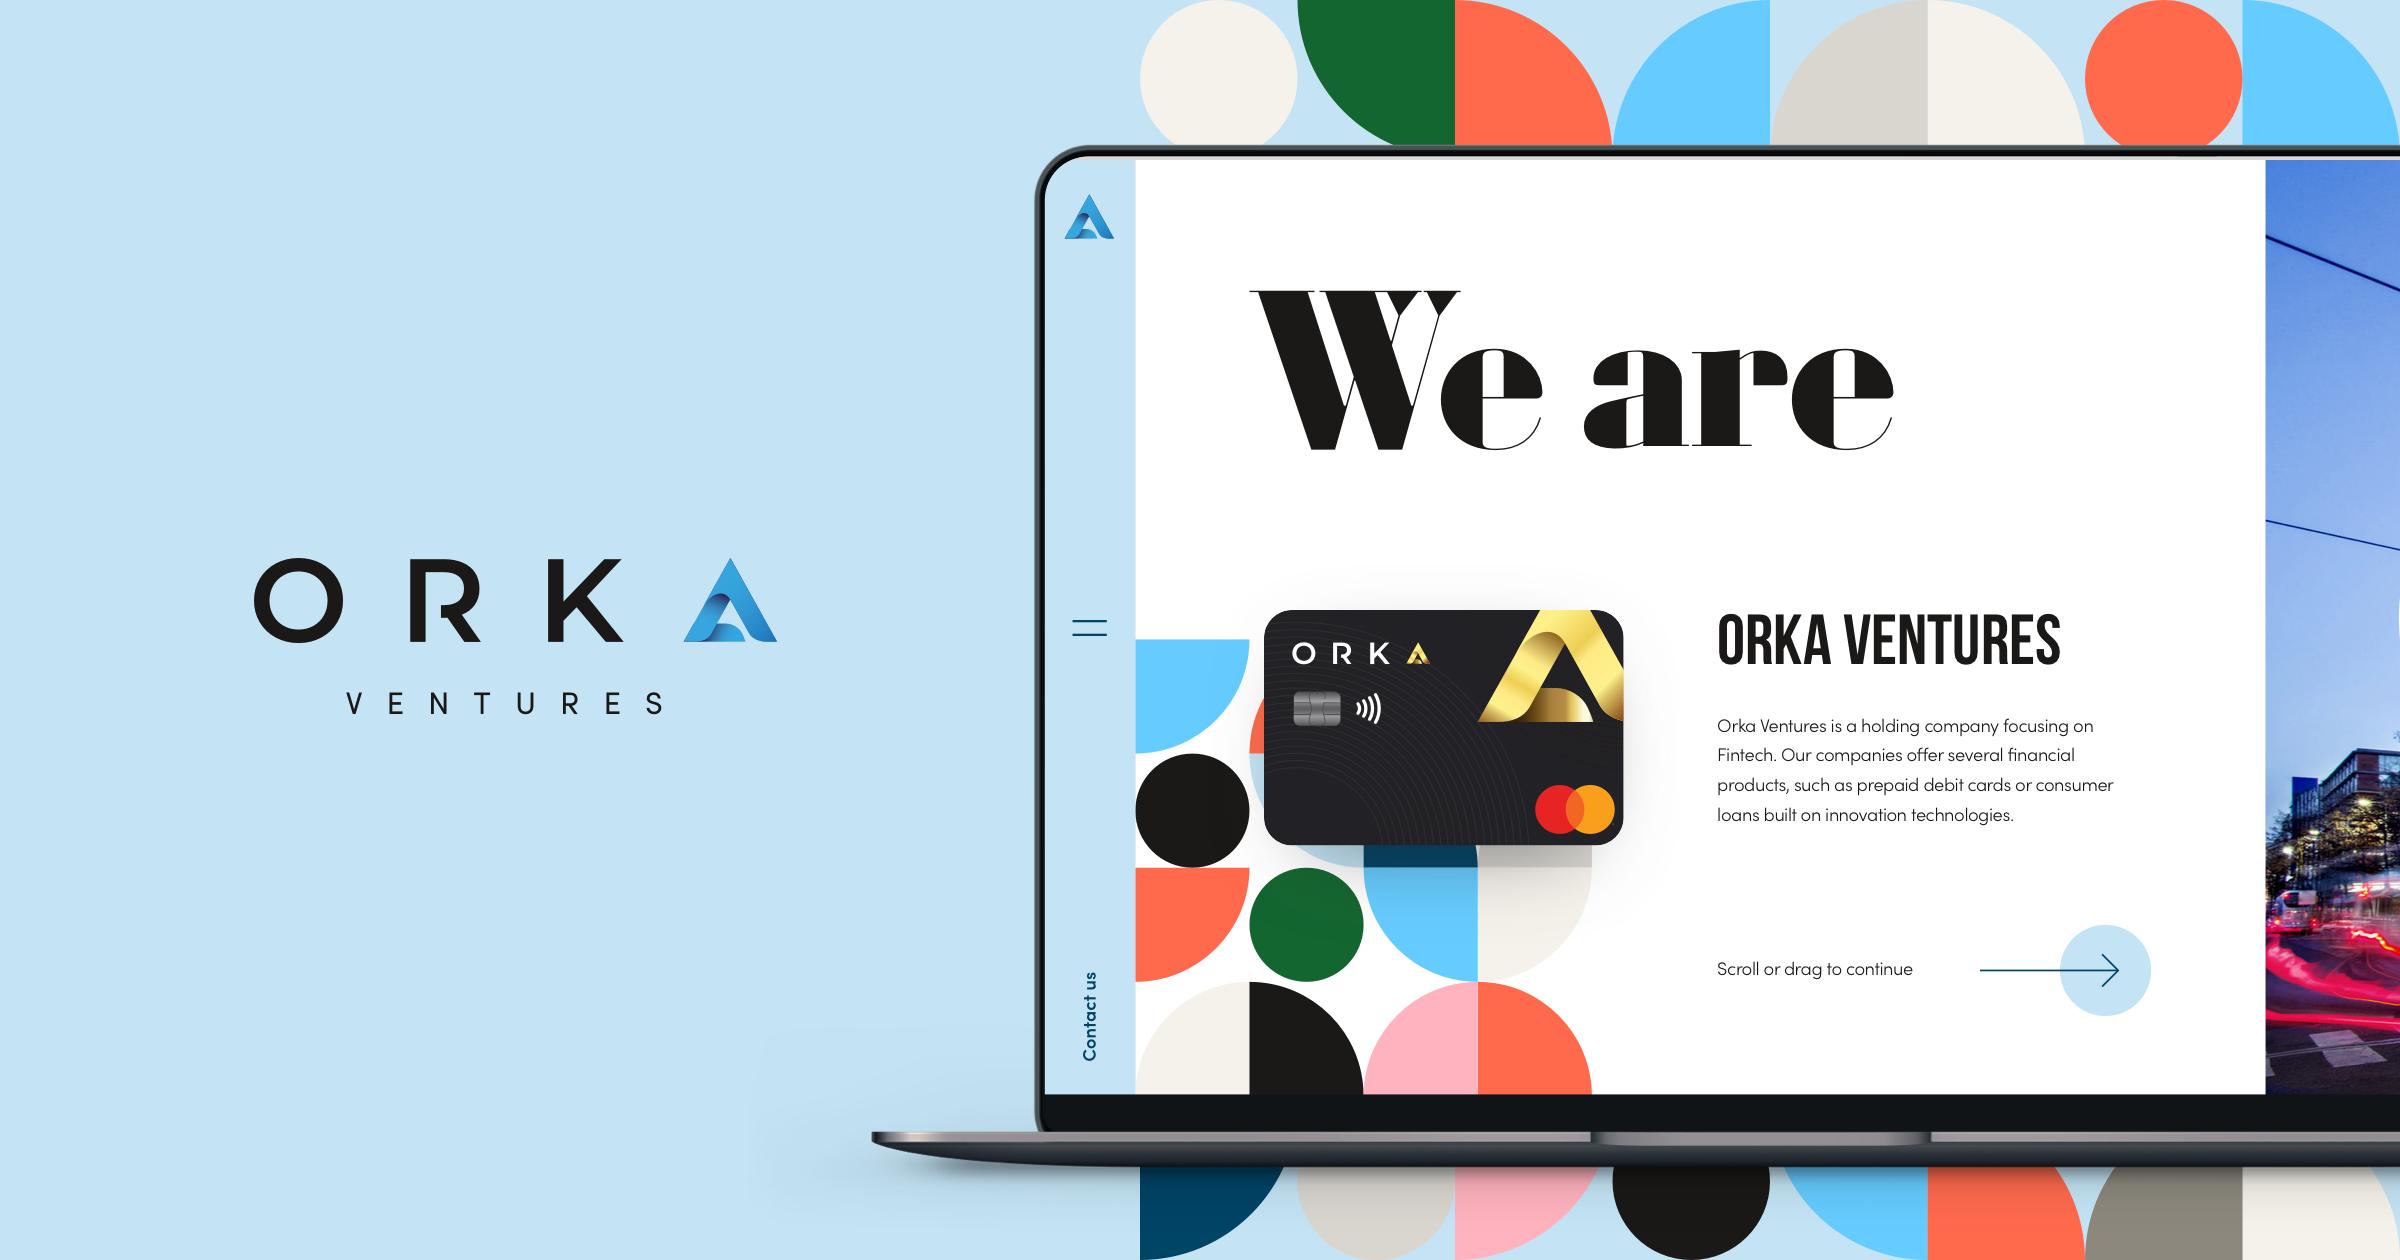 Orka Ventures